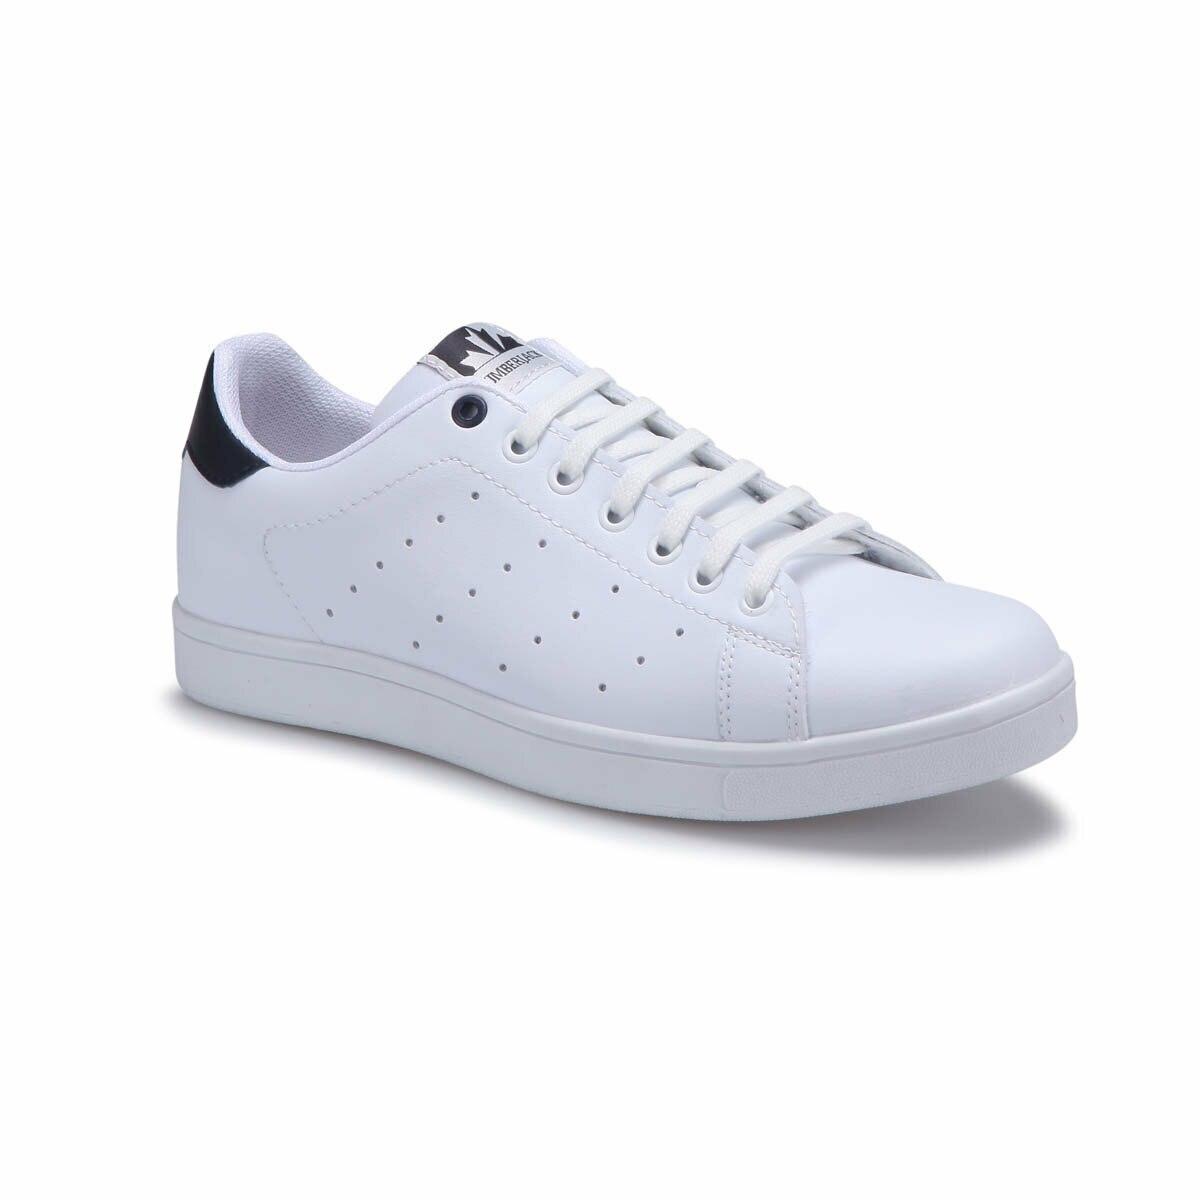 FLO GRAZZI White Male Sneaker LUMBERJACK